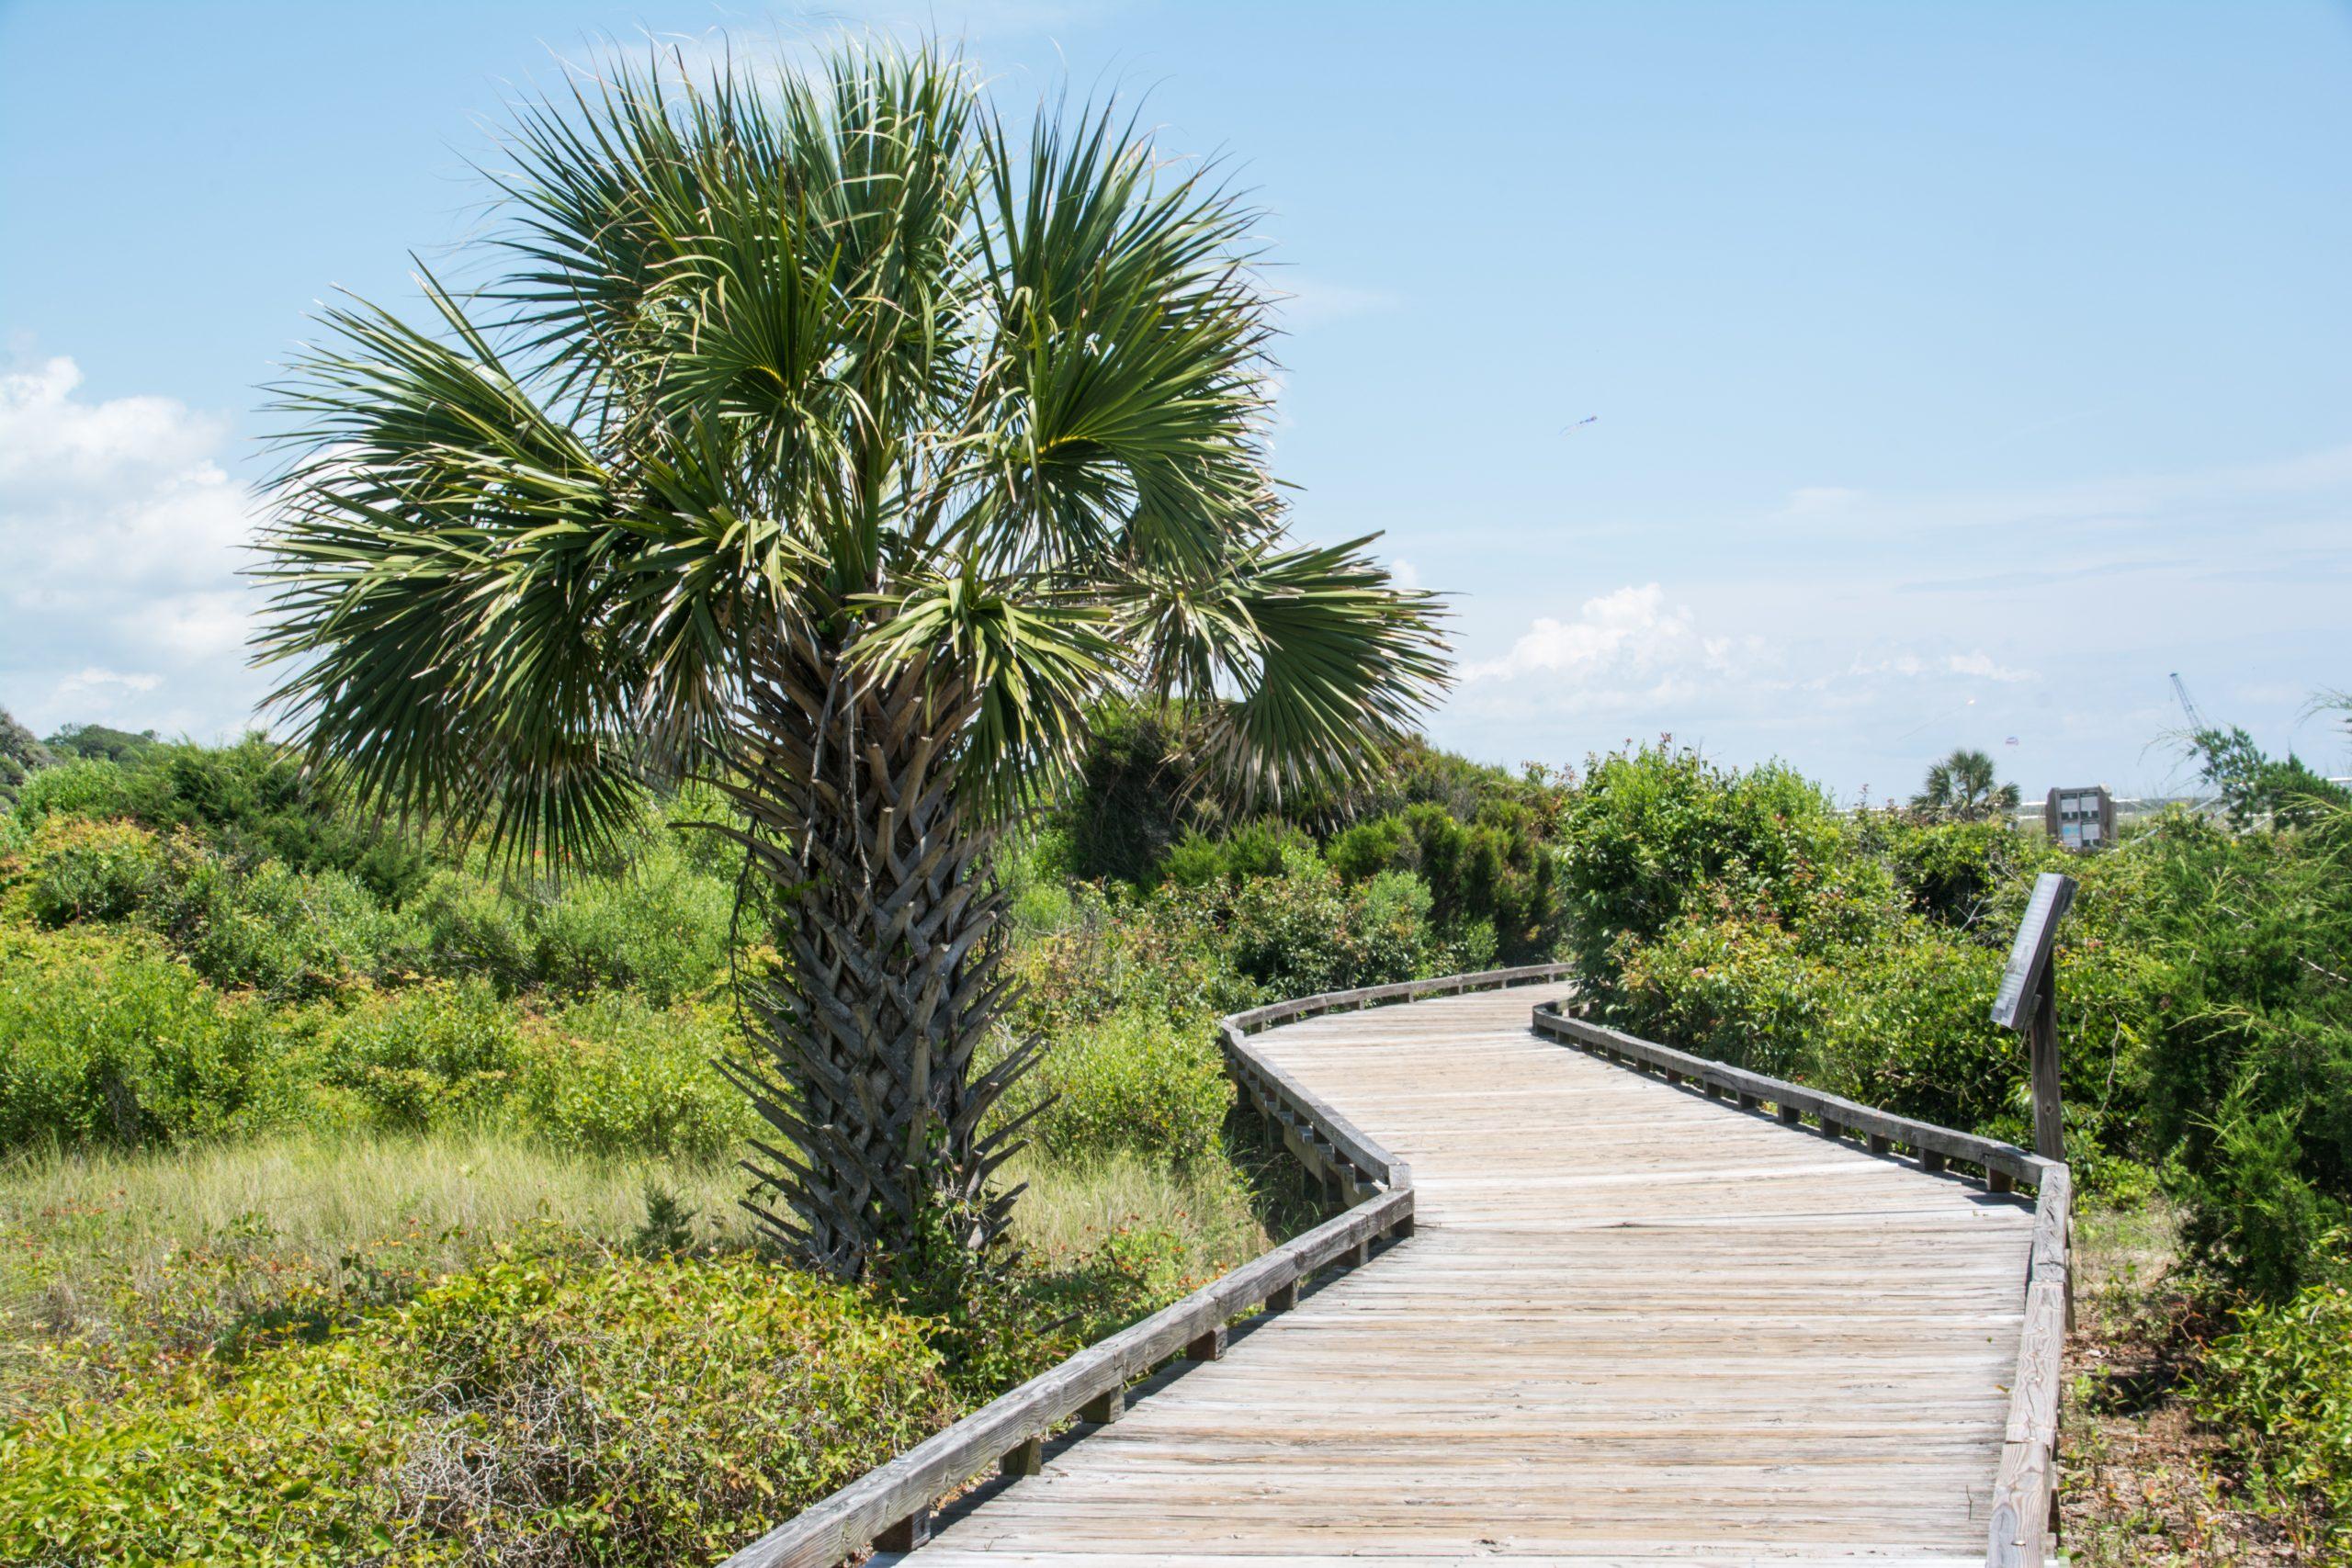 Myrtle Beach State Park, South Carolina